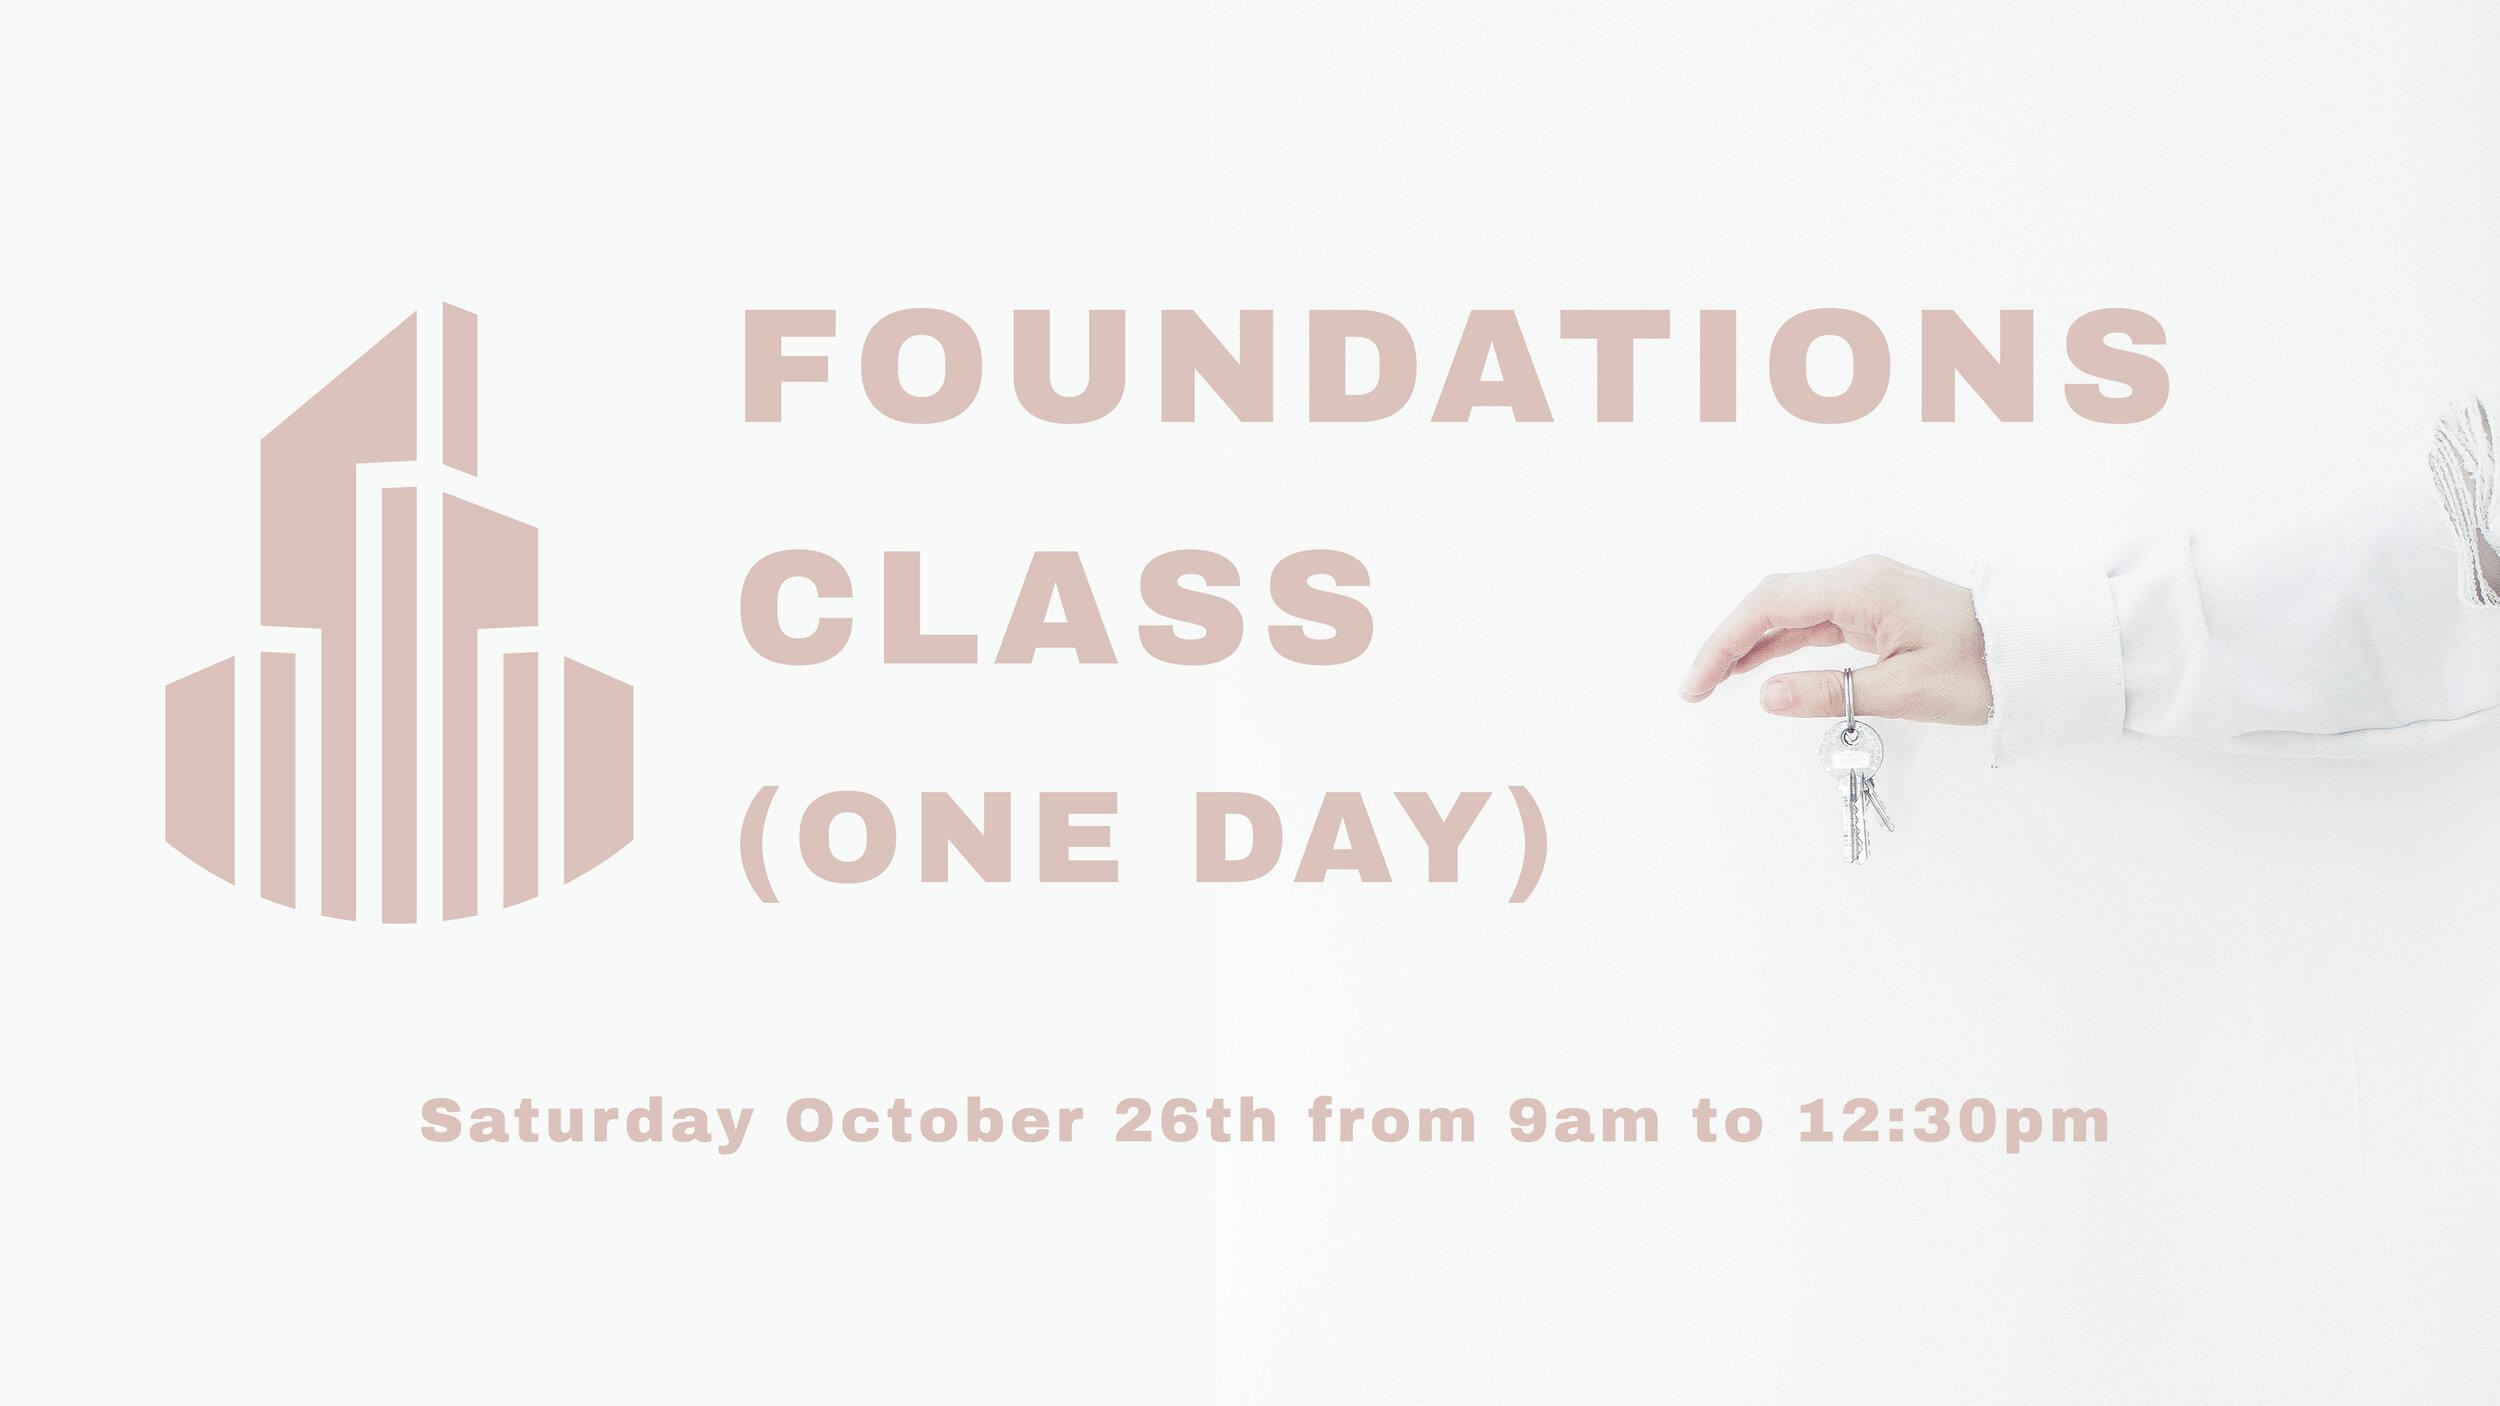 FoundationsClassWhite500k.jpg